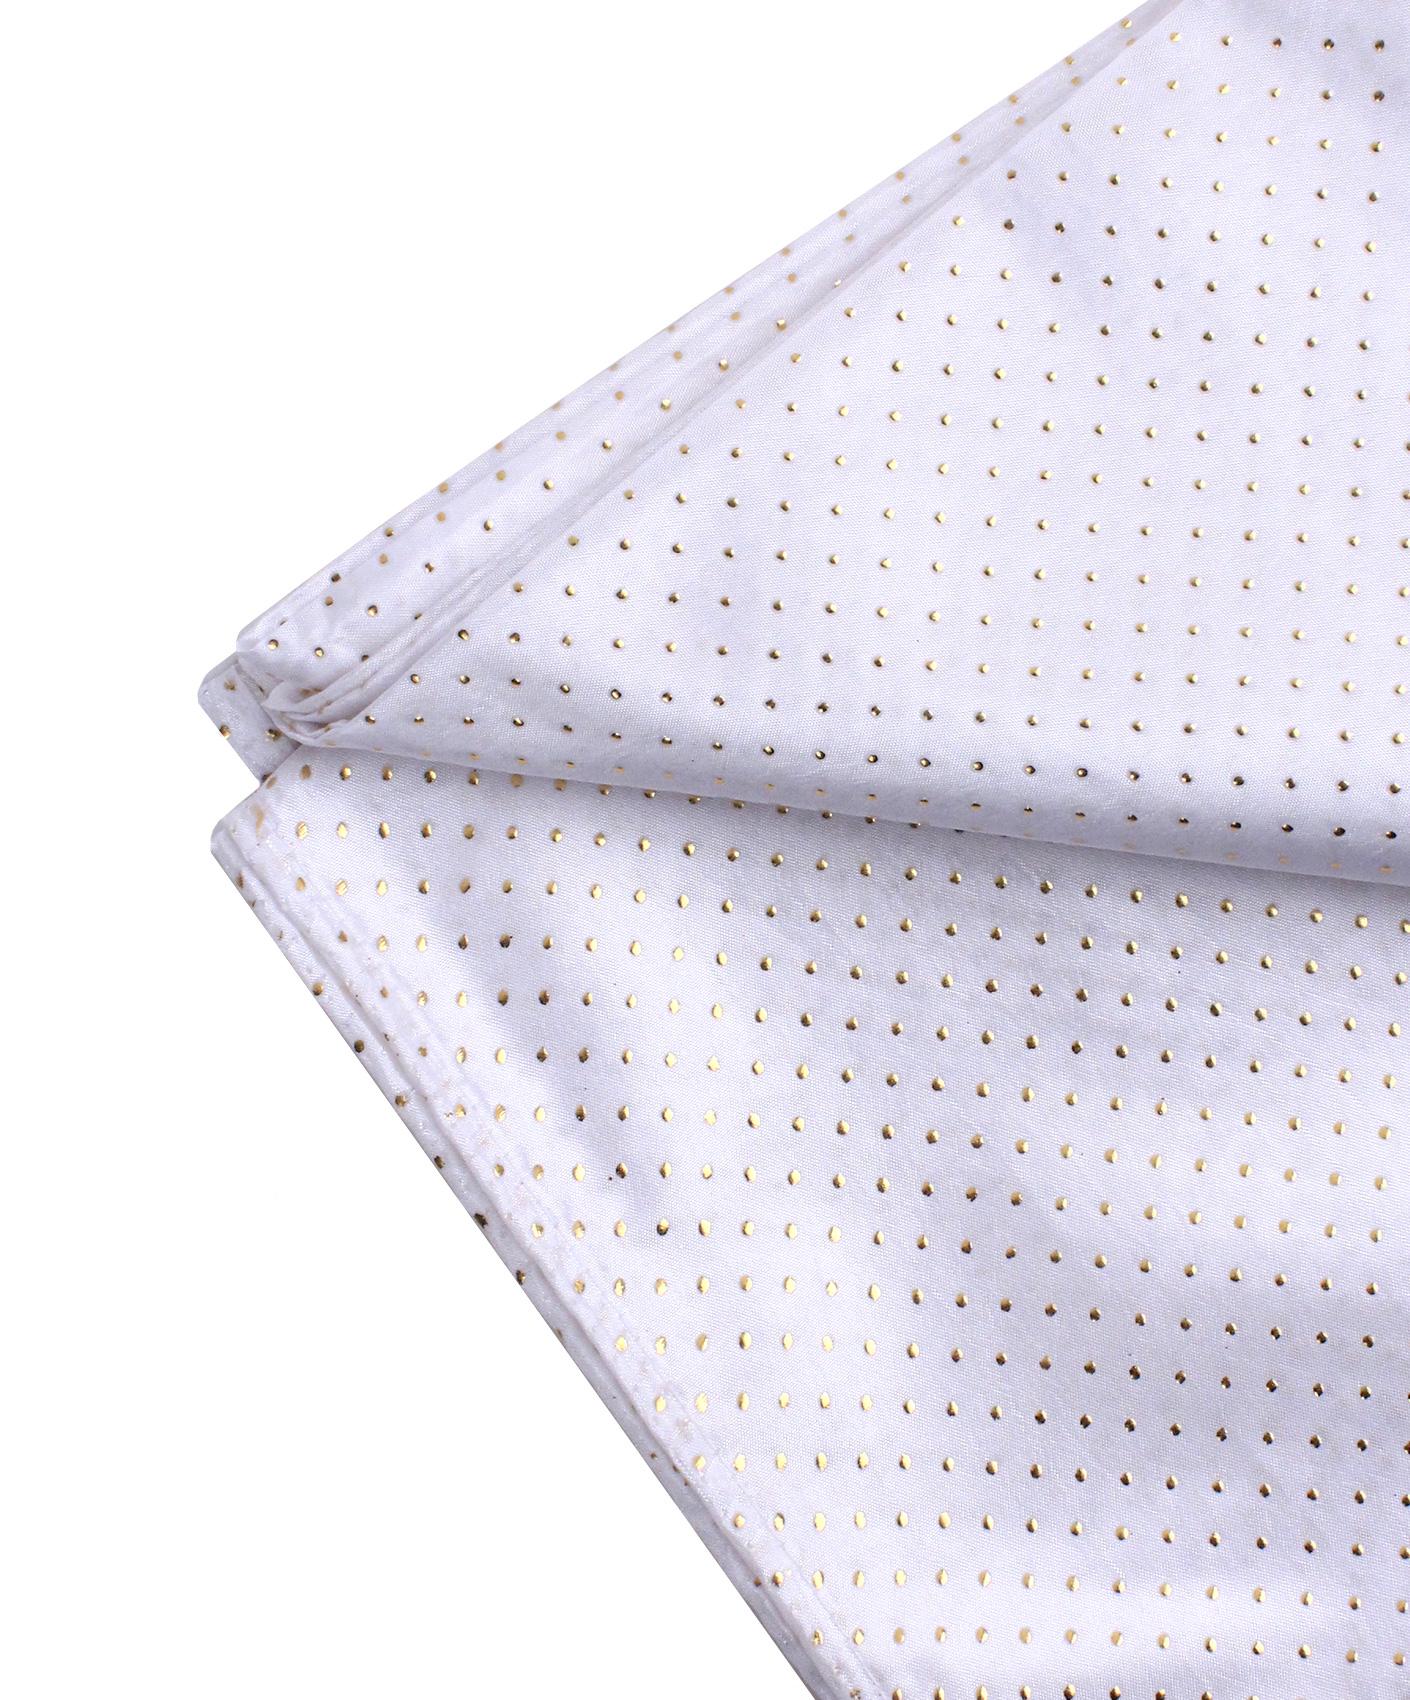 nappe carr e en tissu blanche et or 140 x 140 cm deguise toi achat de decoration animation. Black Bedroom Furniture Sets. Home Design Ideas